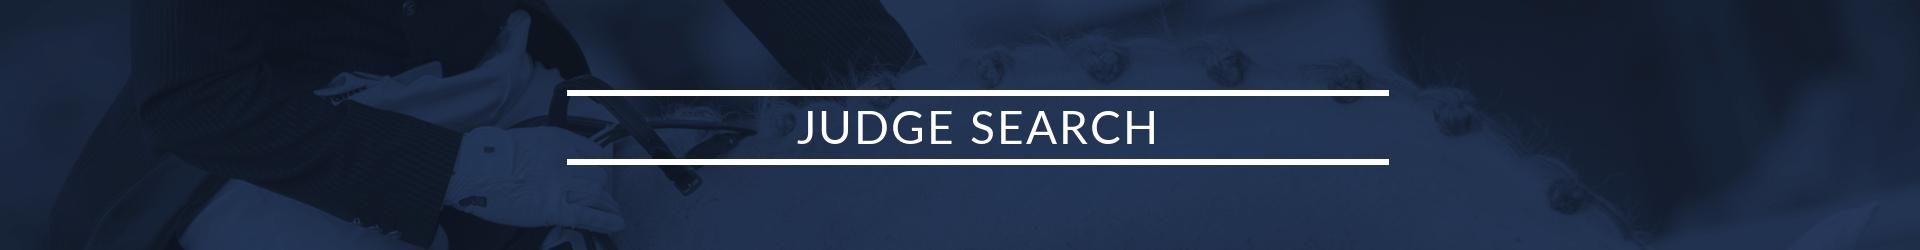 Judge search